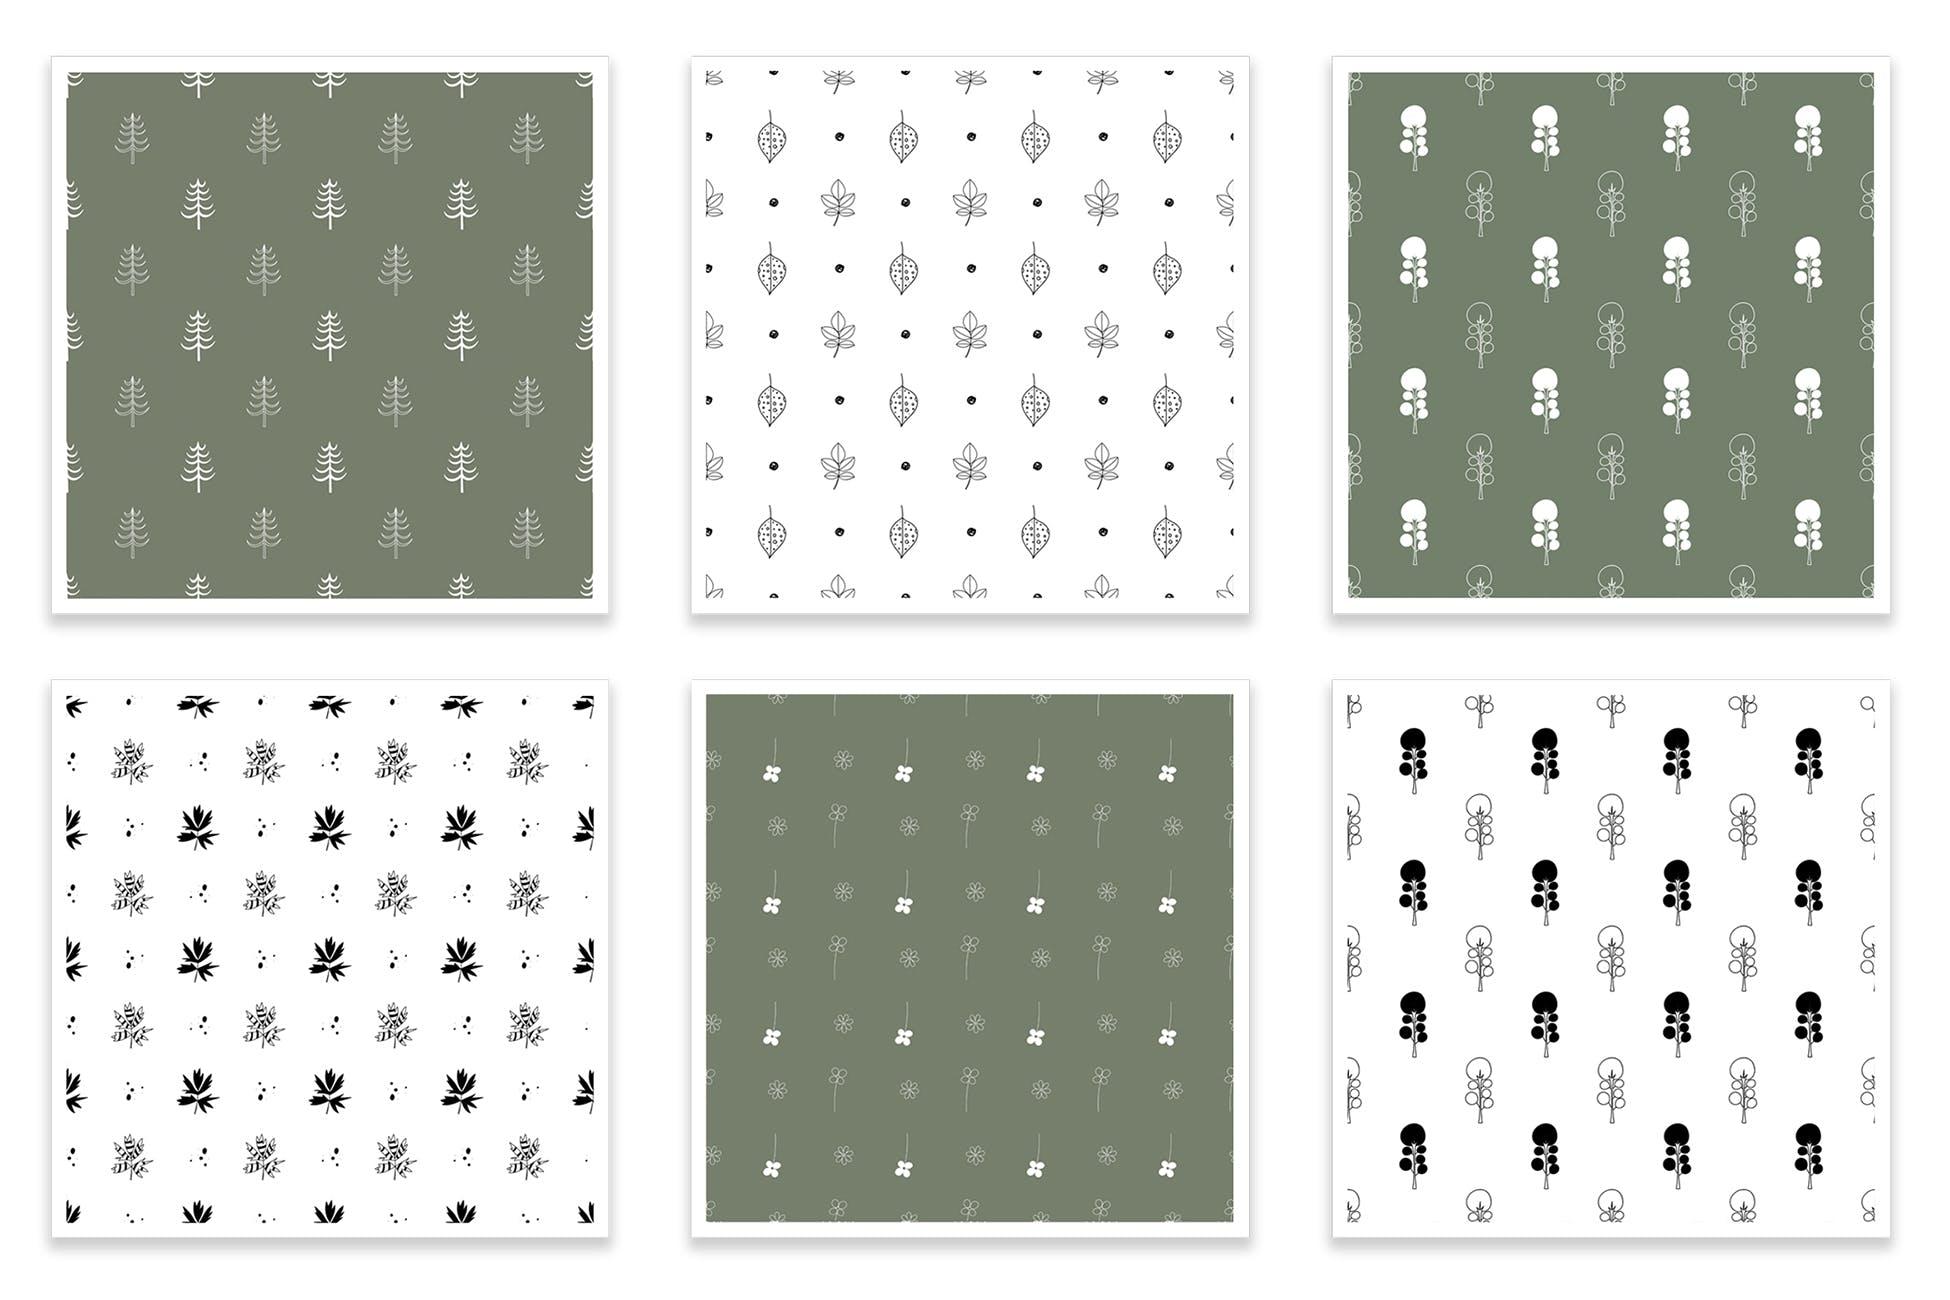 布艺创意装饰图案纹理素材下载Floral seamless patterns collection插图(2)